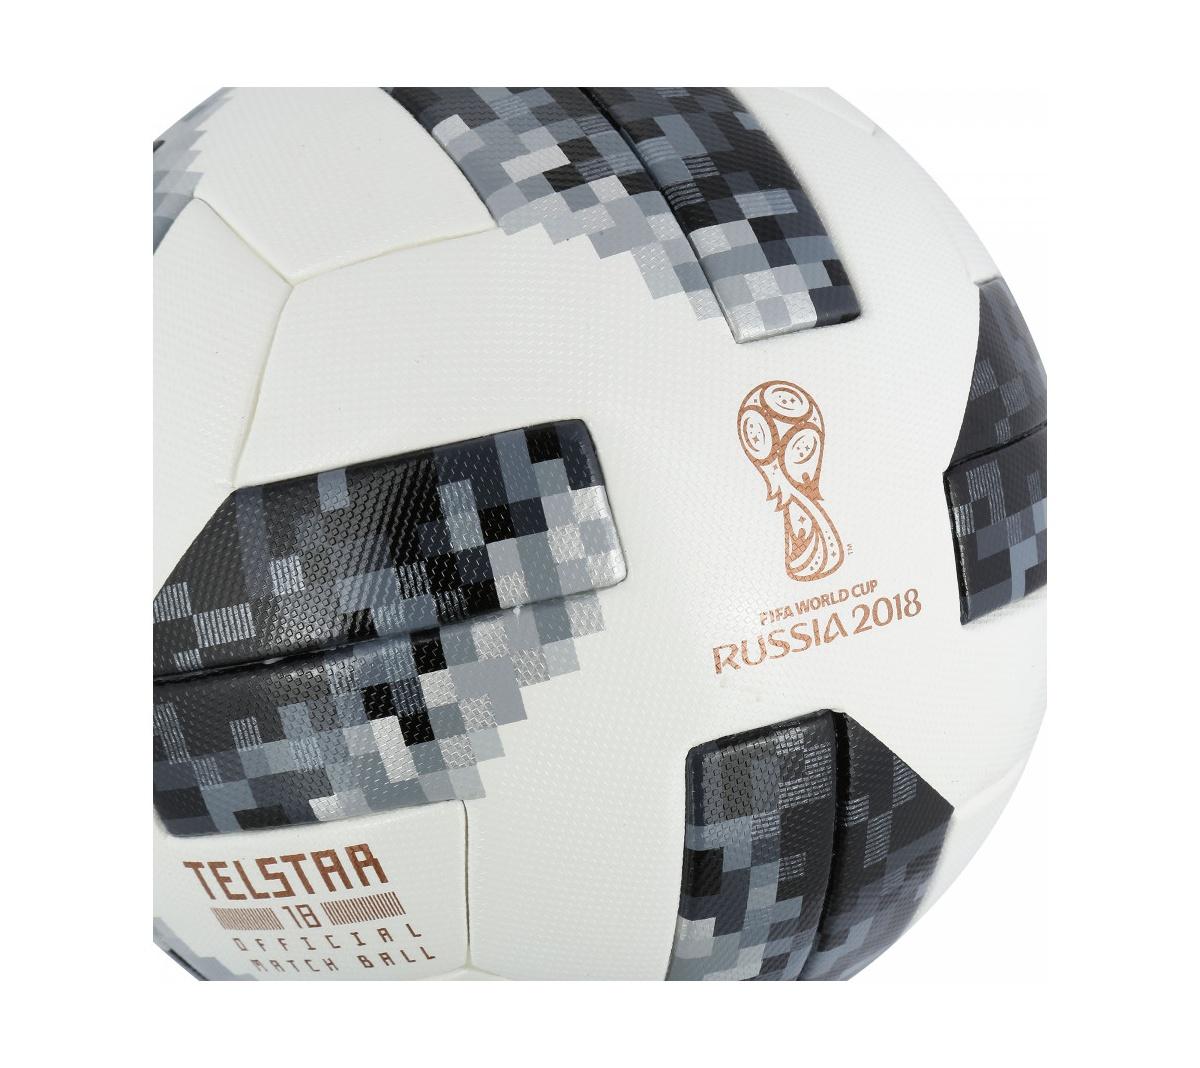 d675c2c3b9165 ... Bola de Futebol de Campo Telstar Oficial Copa do Mundo FIFA 2018 adidas  OMB ...